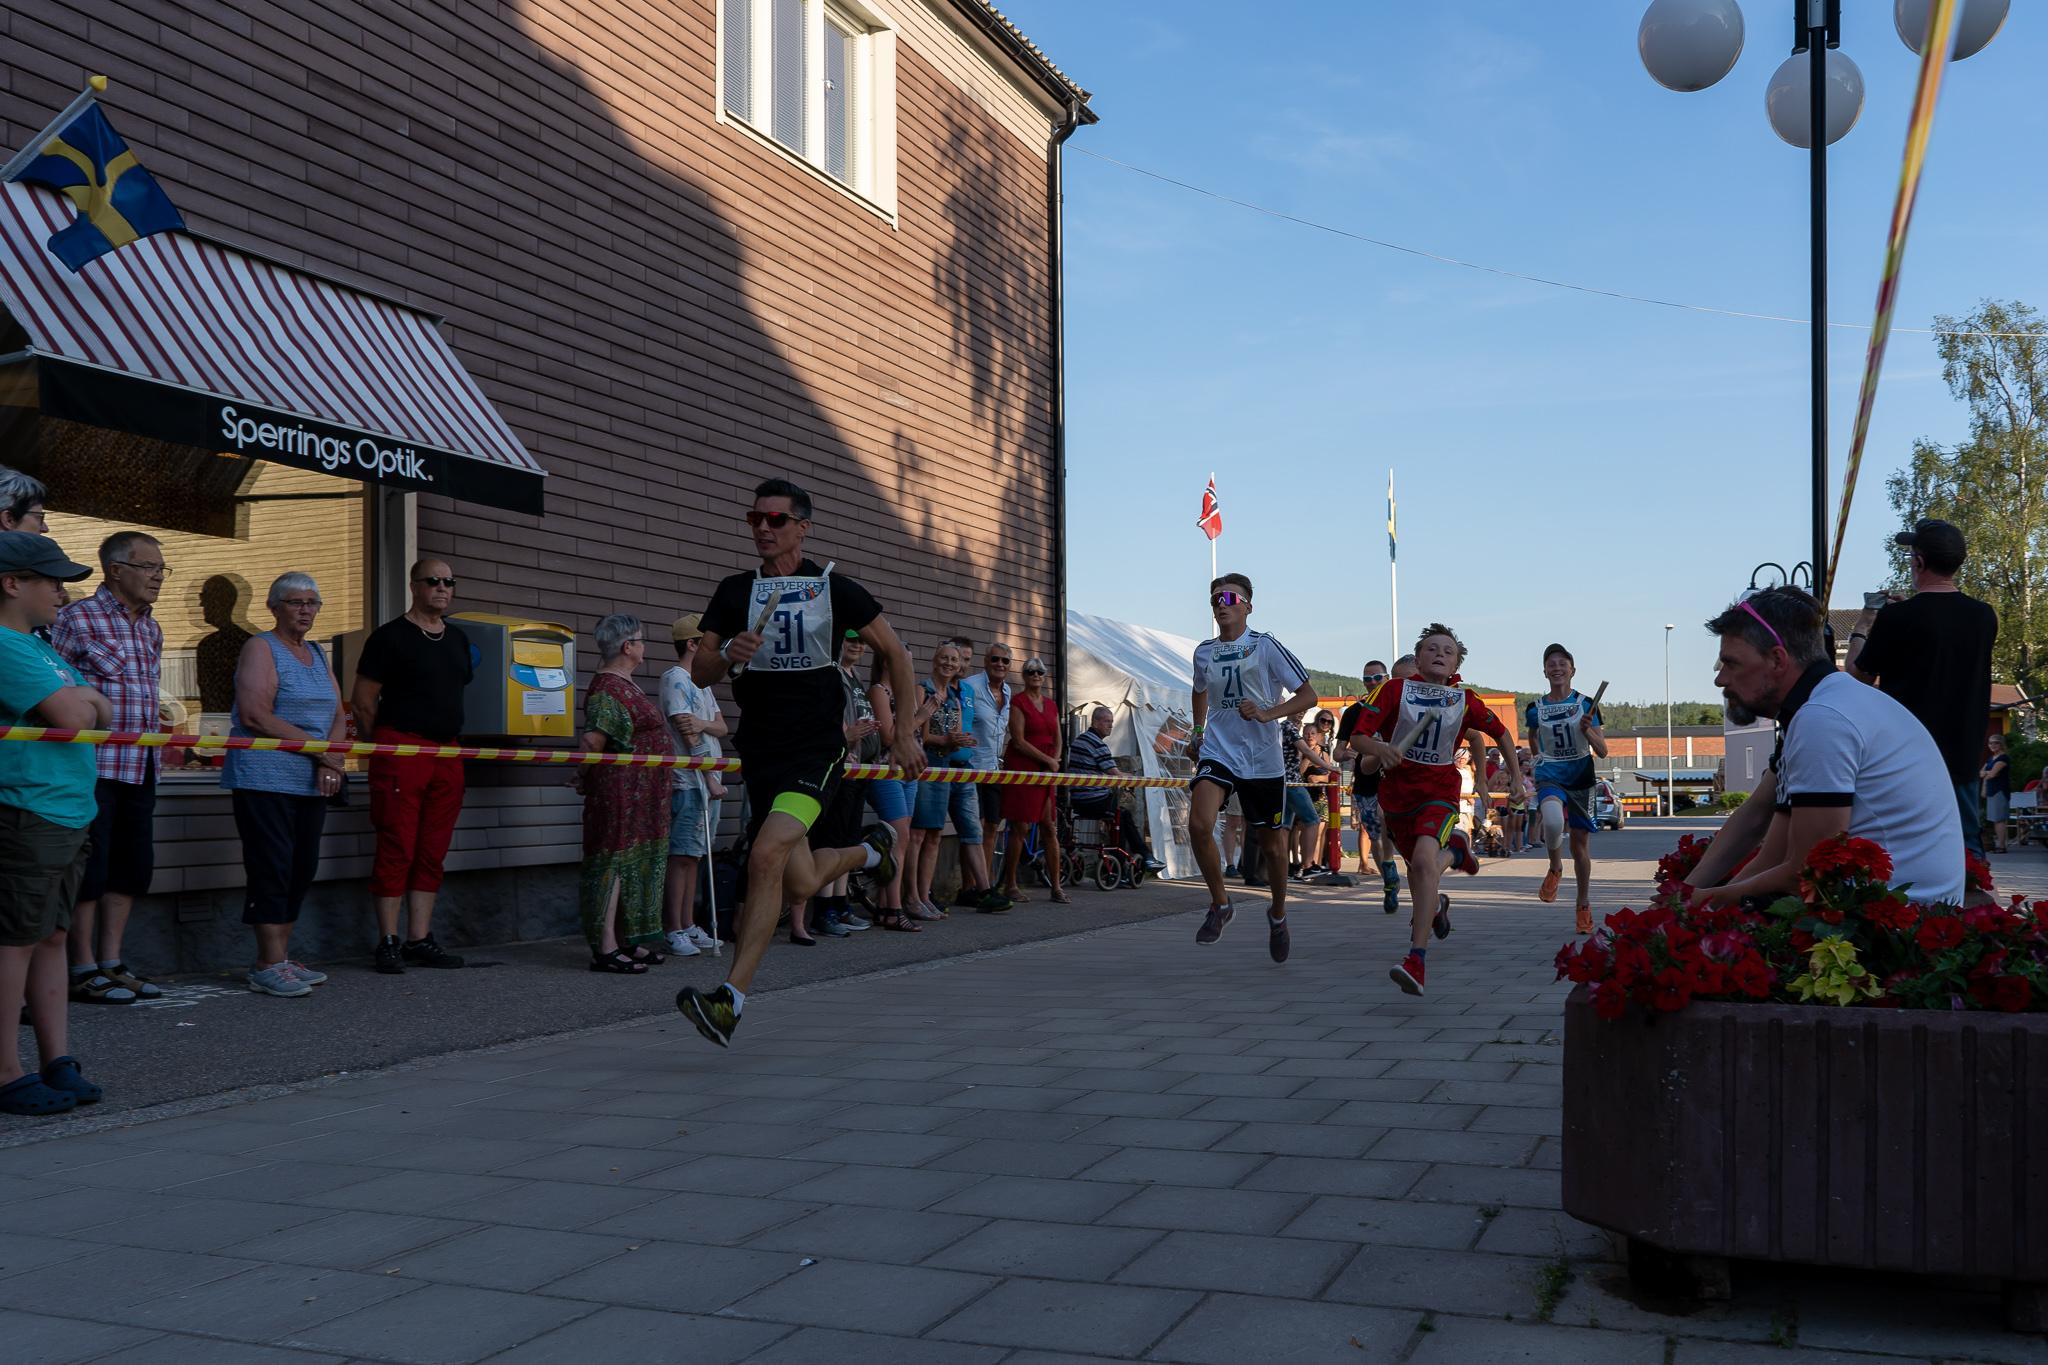 Startskottet har gått för TH-skubbet 2019. #31 Lars-Johan Ångman, Härjedalens Automobilklubb, gick ut hårt direkt från start. Foto: Morgan Grip